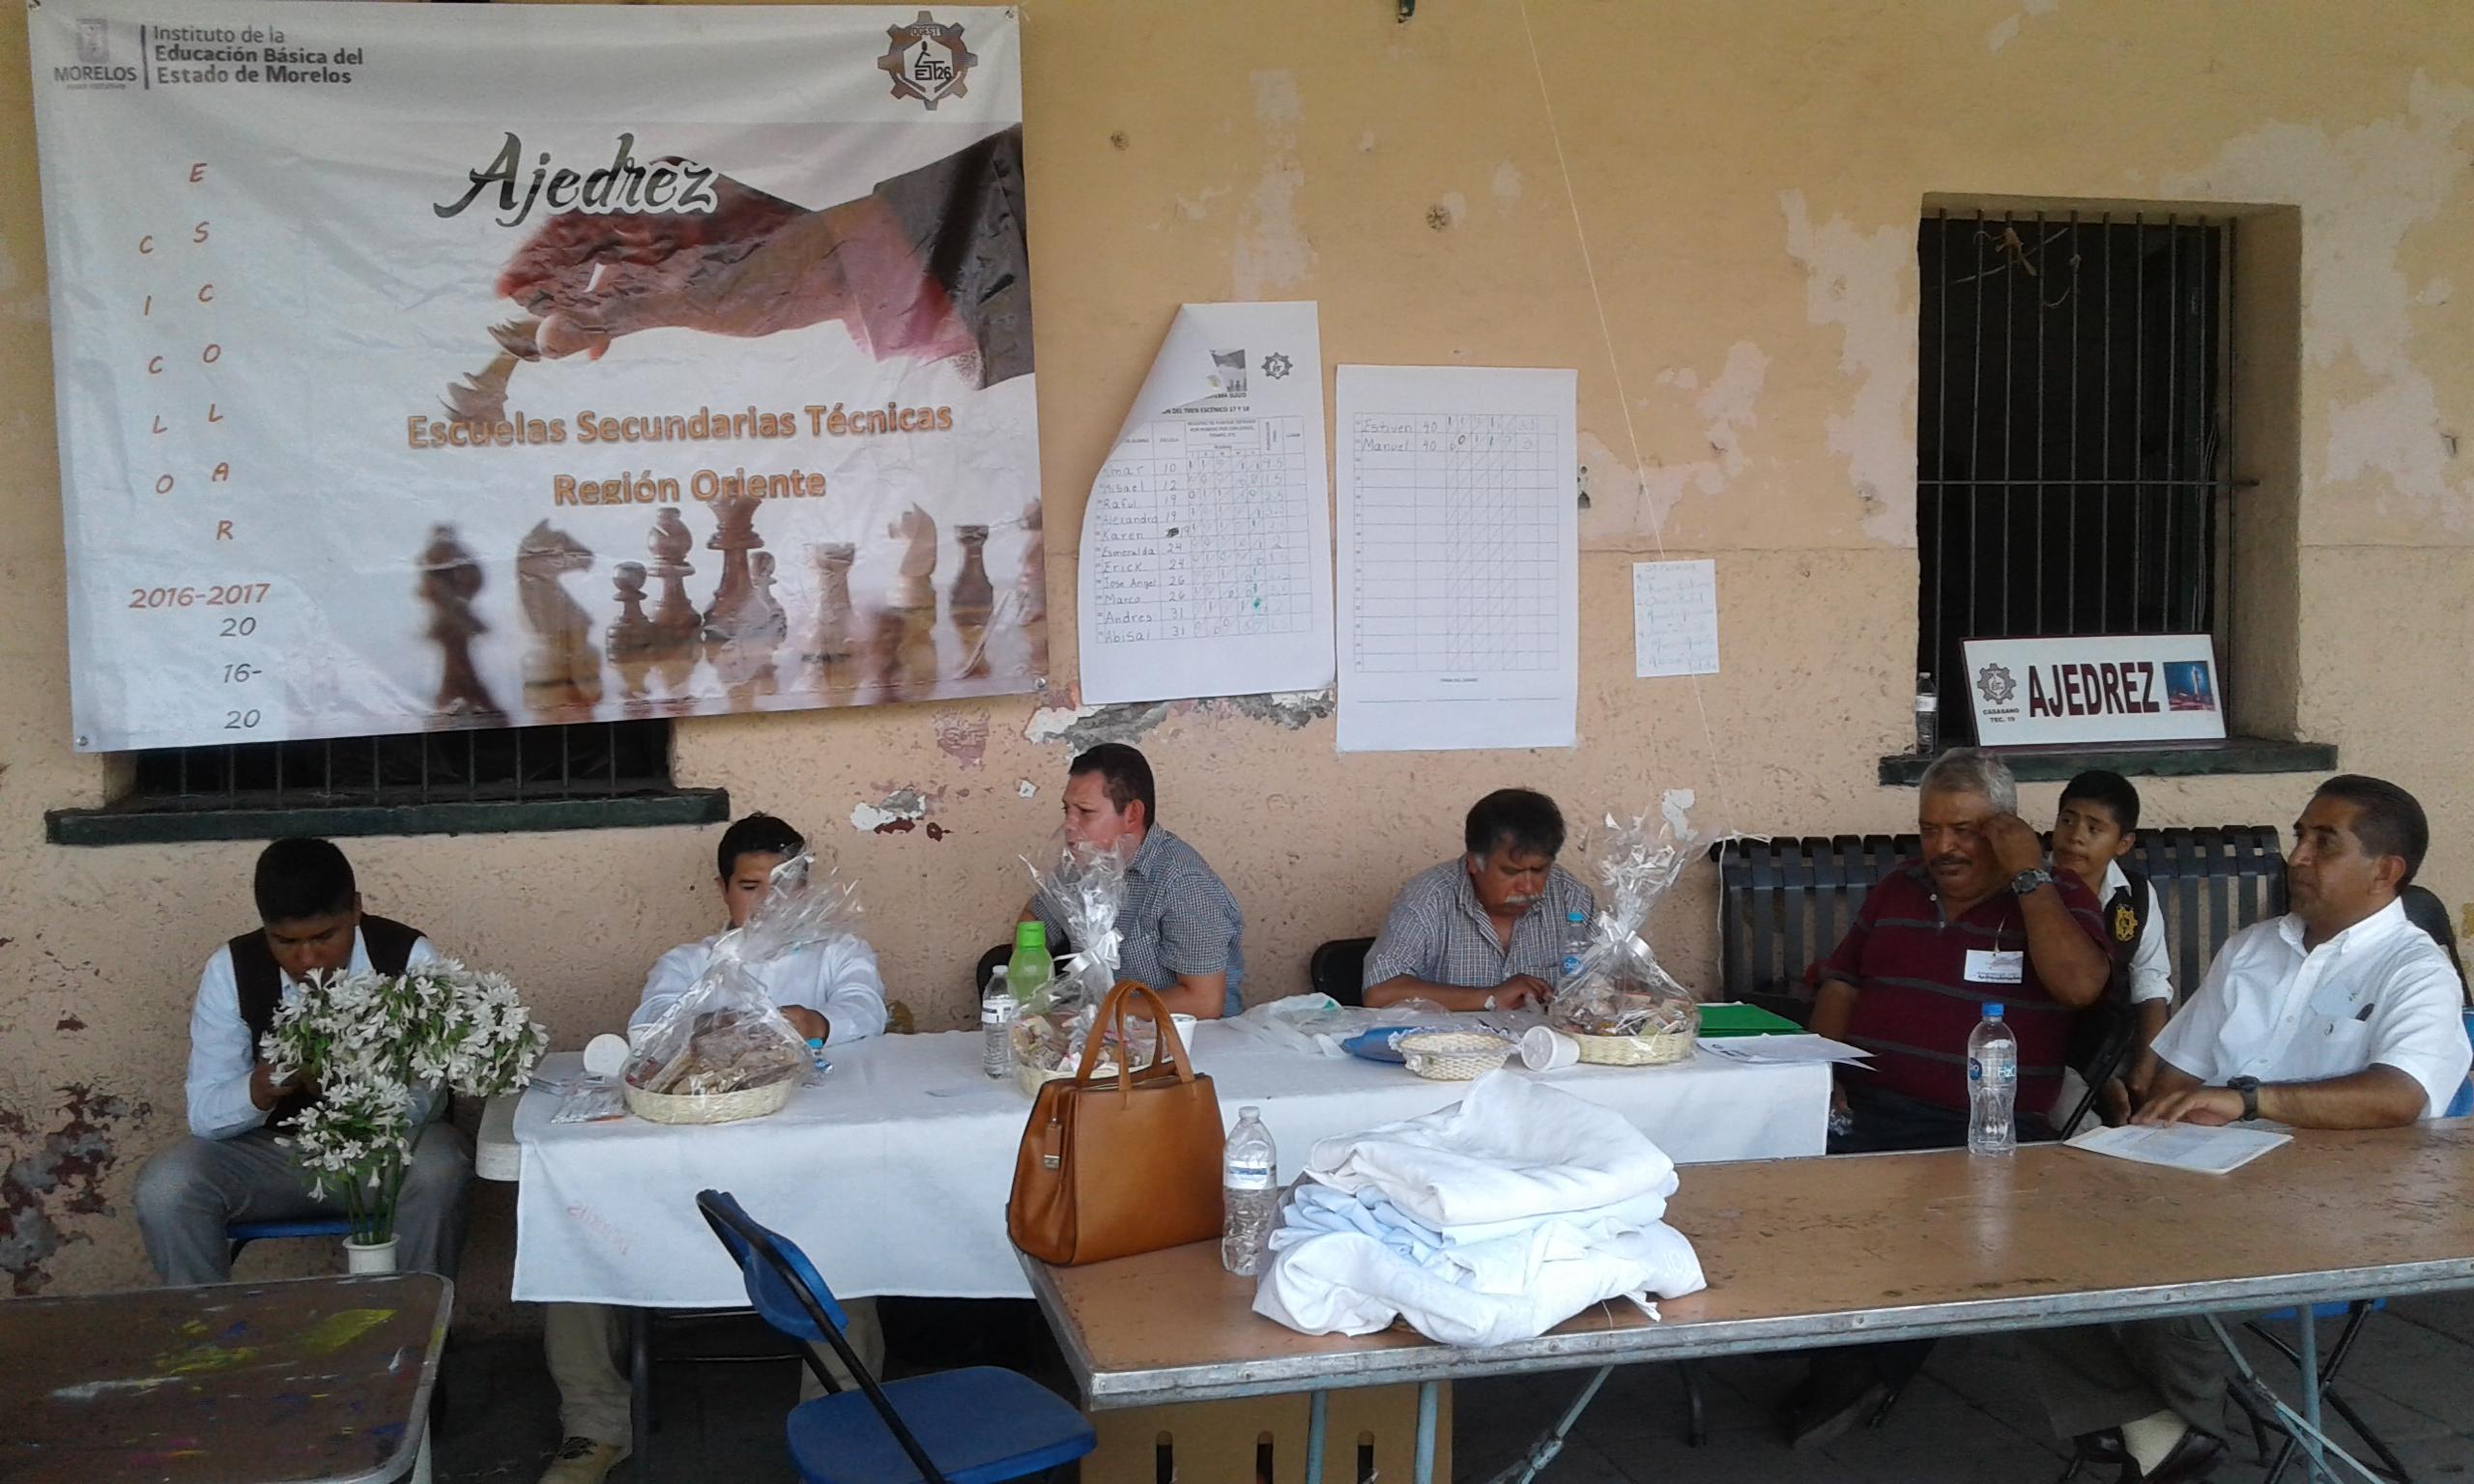 Definieron a los cinco ajedrecistas que participarán en el estatal de secundarias técnicas.